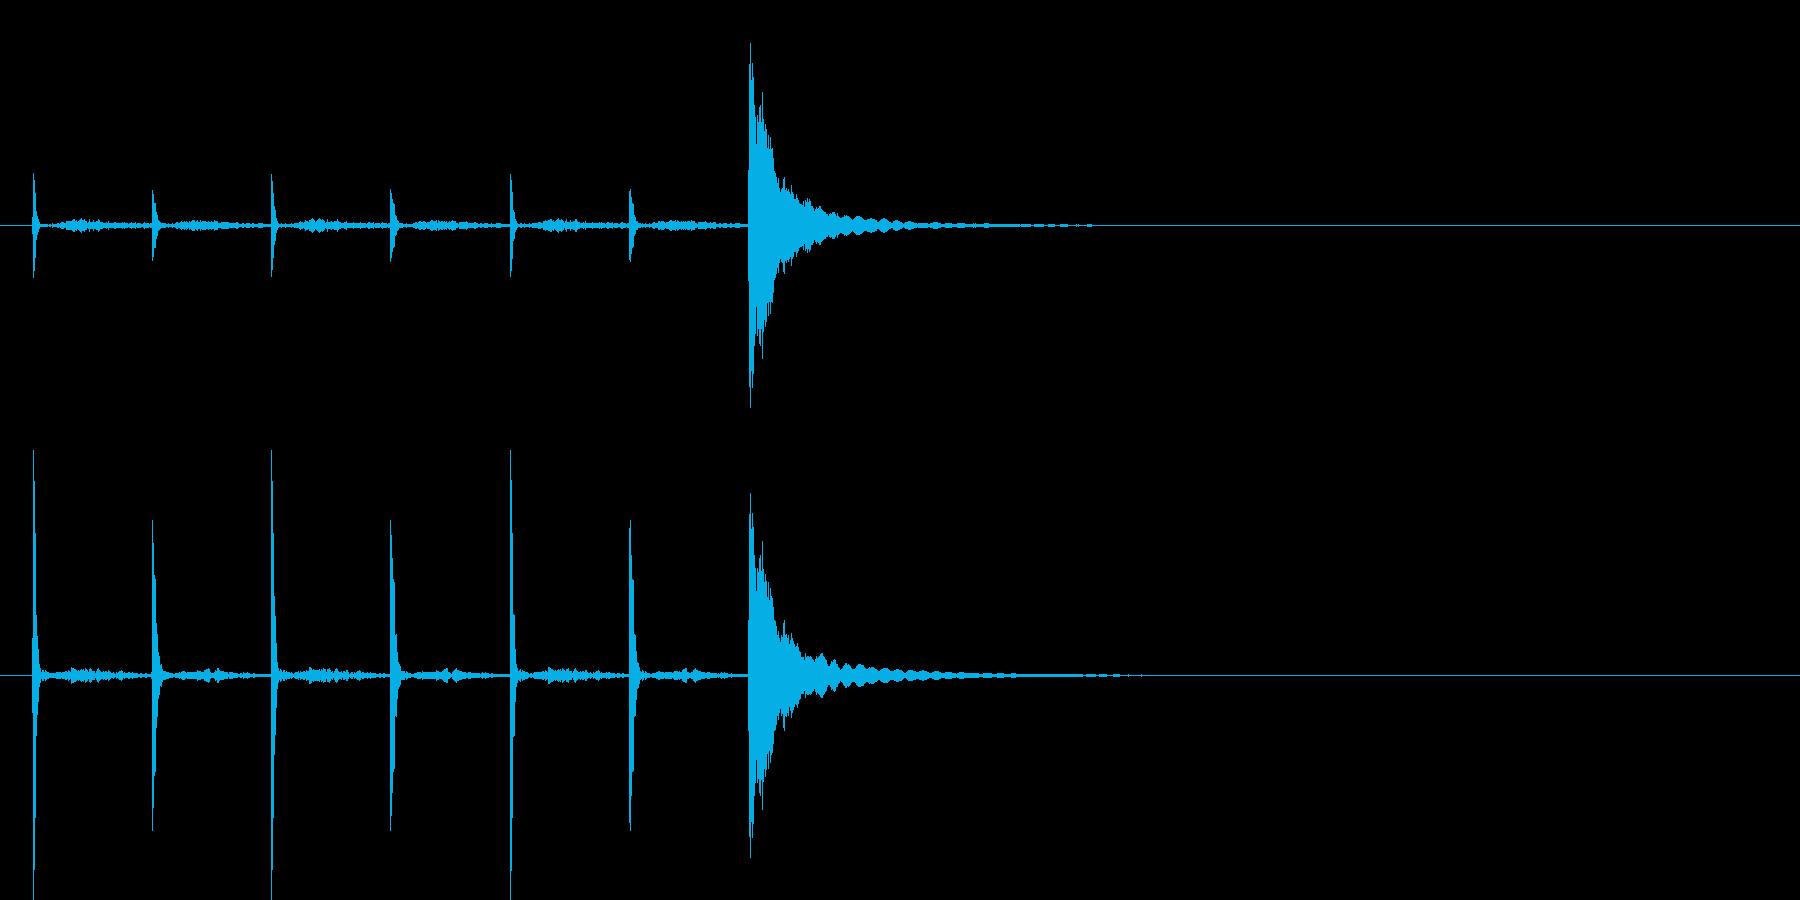 ポクポクチ~ン一休さん風シンキングタイムの再生済みの波形